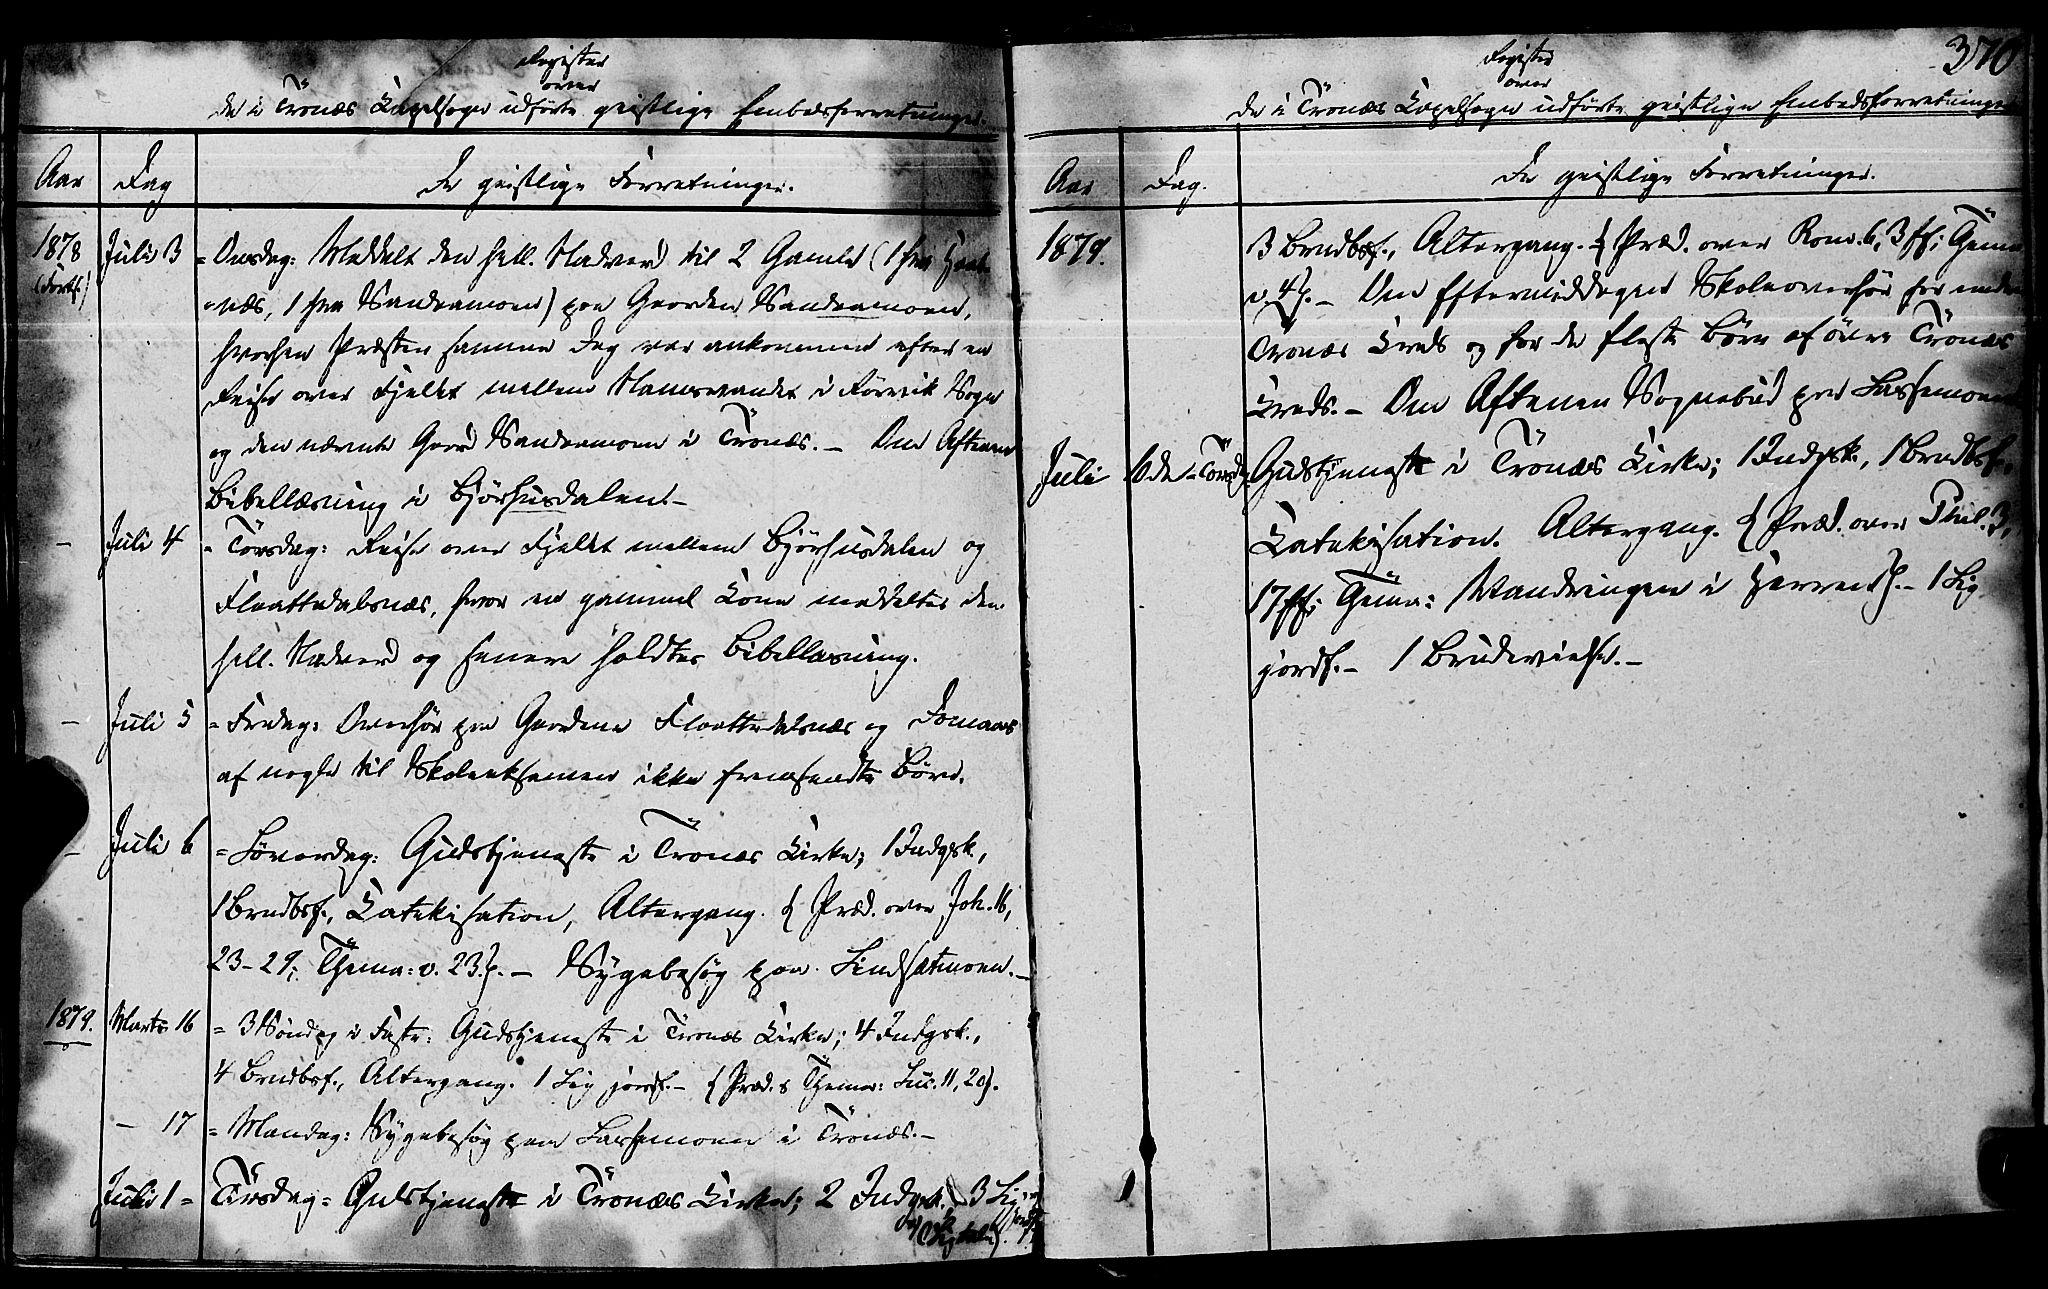 SAT, Ministerialprotokoller, klokkerbøker og fødselsregistre - Nord-Trøndelag, 762/L0538: Ministerialbok nr. 762A02 /2, 1833-1879, s. 370